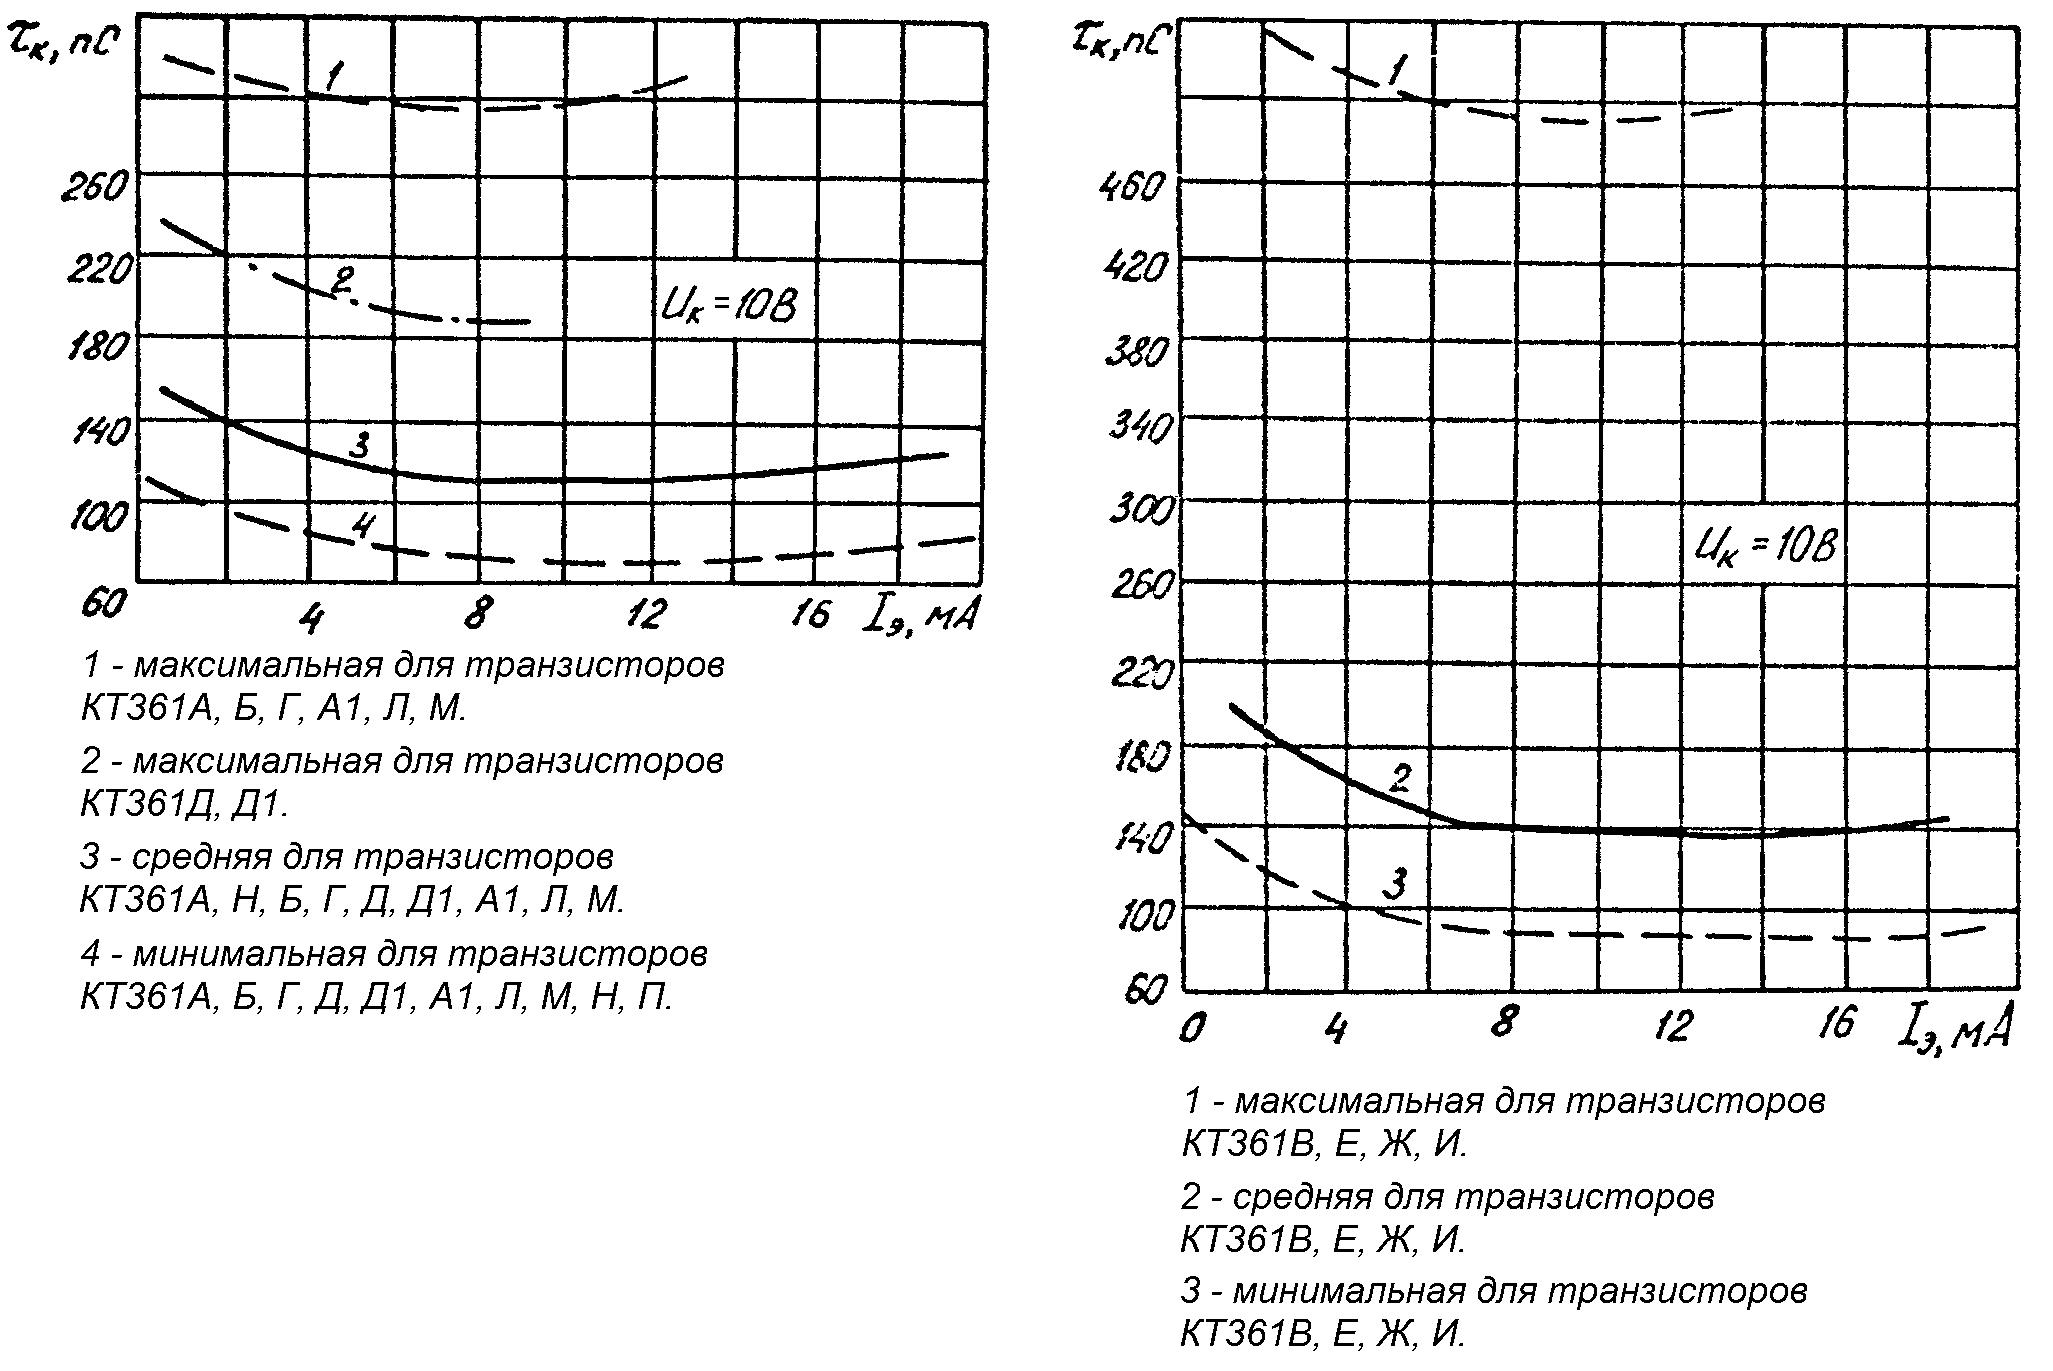 Зависимость постоянной времени цепи обратной связи на высокой частоте от тока эмиттера транзистора КТ361 с границами разброса 95%